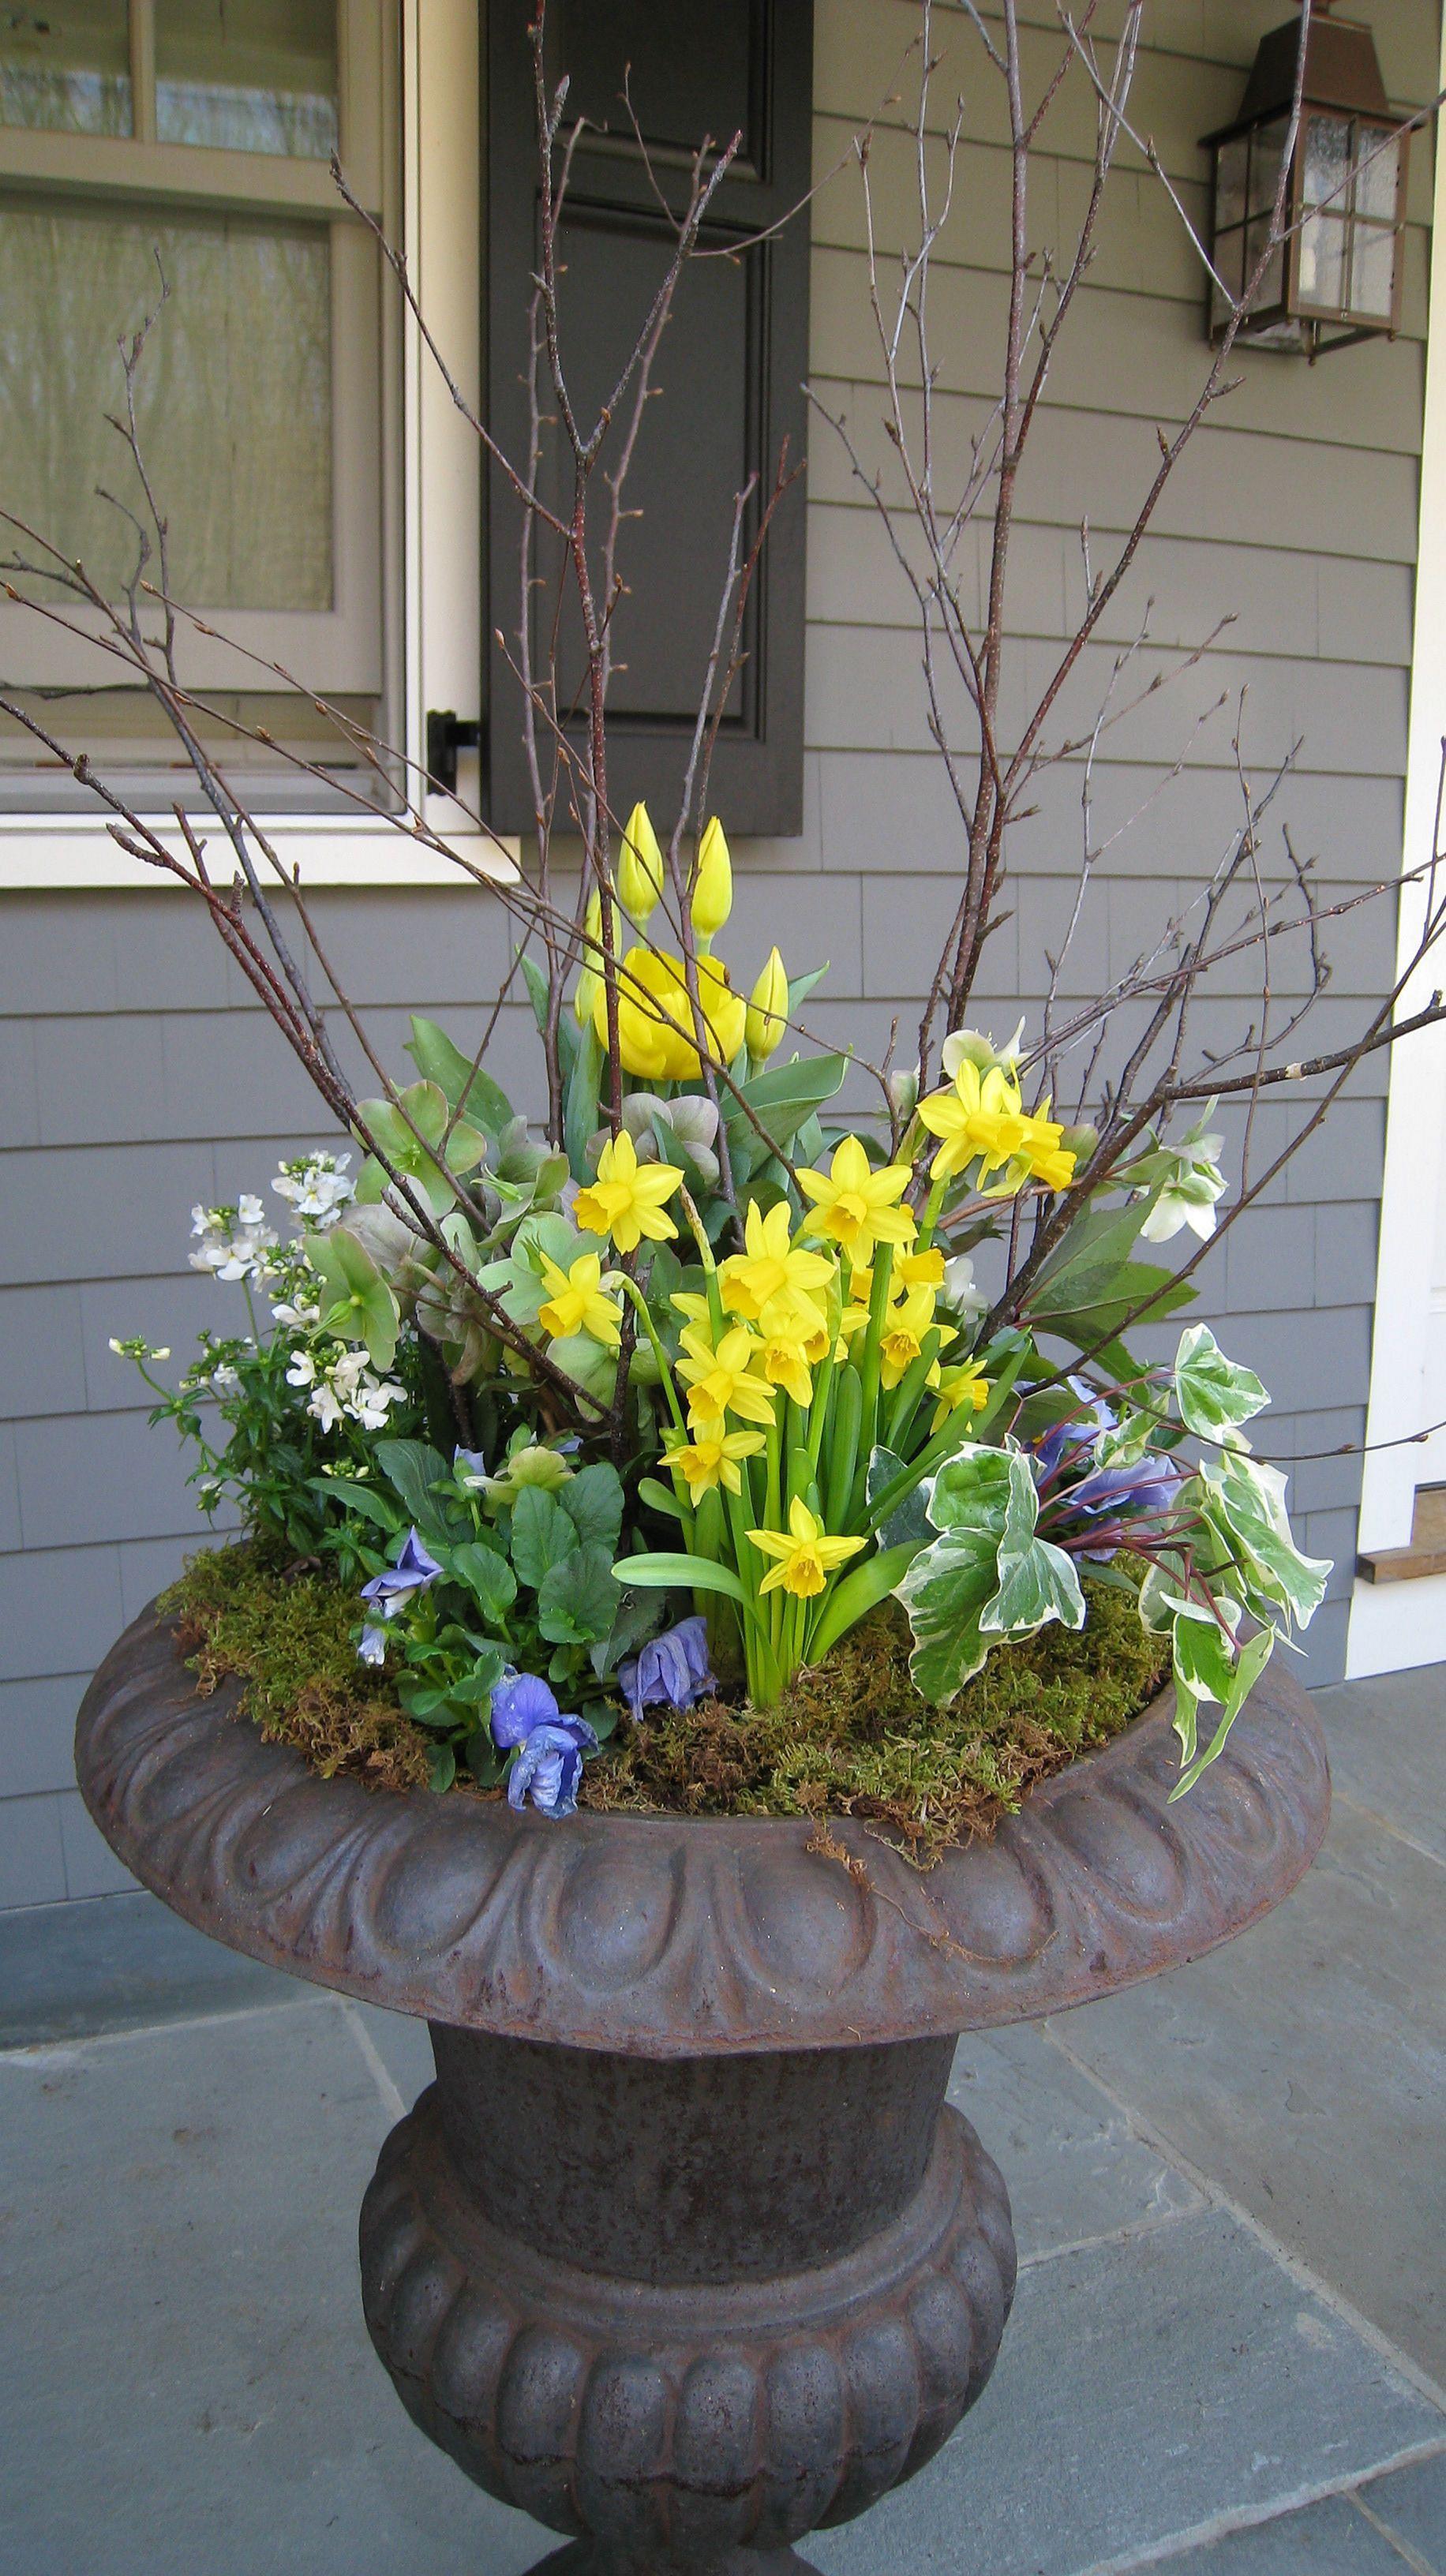 Spring Outdoor Flower Pot Arrangement Ideas Flower Pots Outdoor